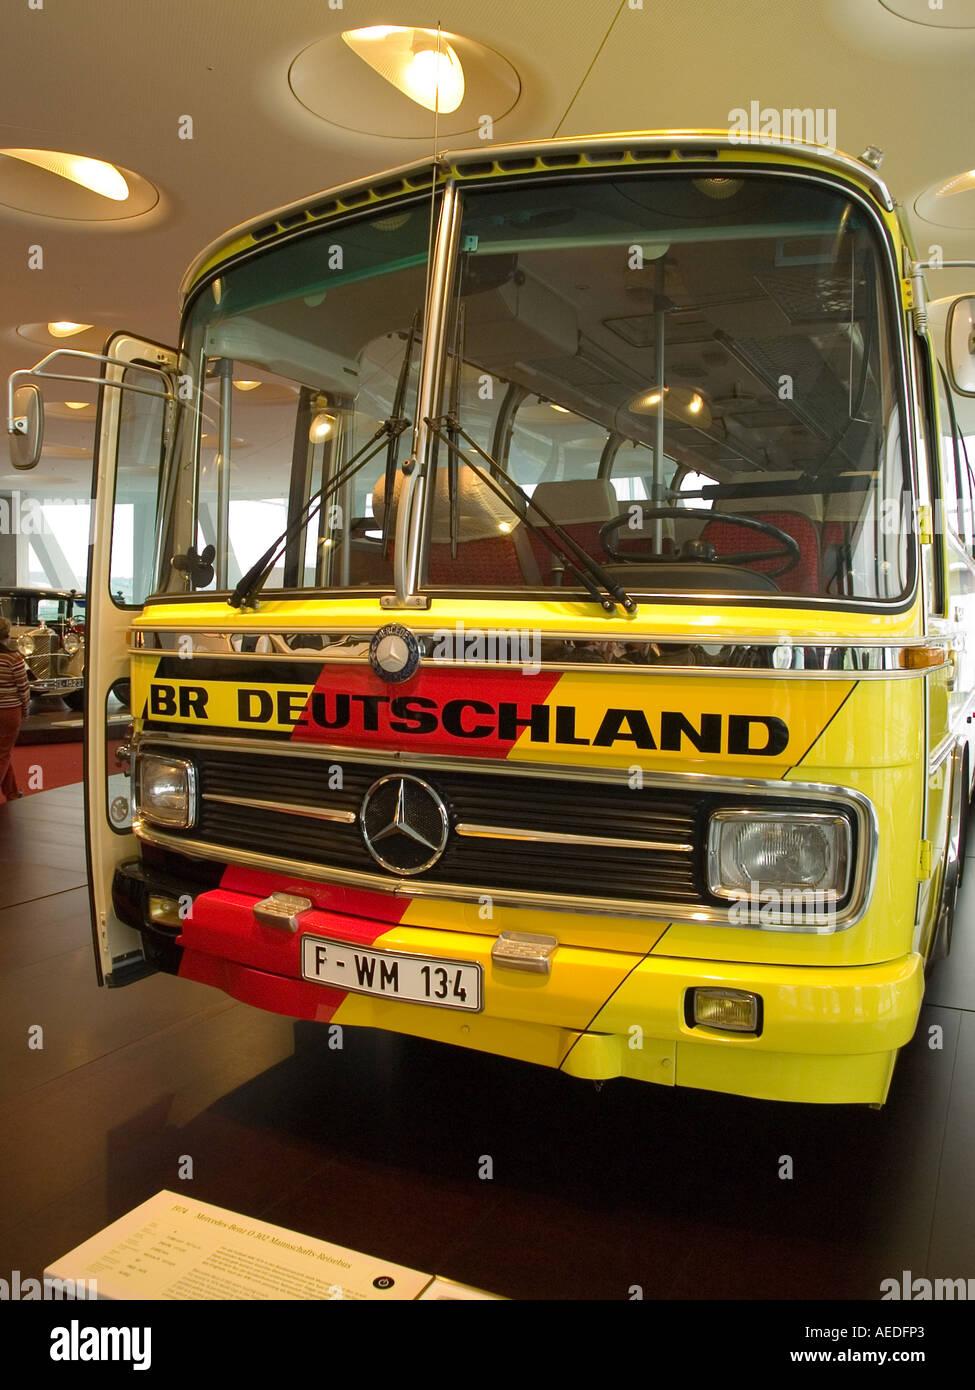 limousine bus photos limousine bus images alamy. Black Bedroom Furniture Sets. Home Design Ideas